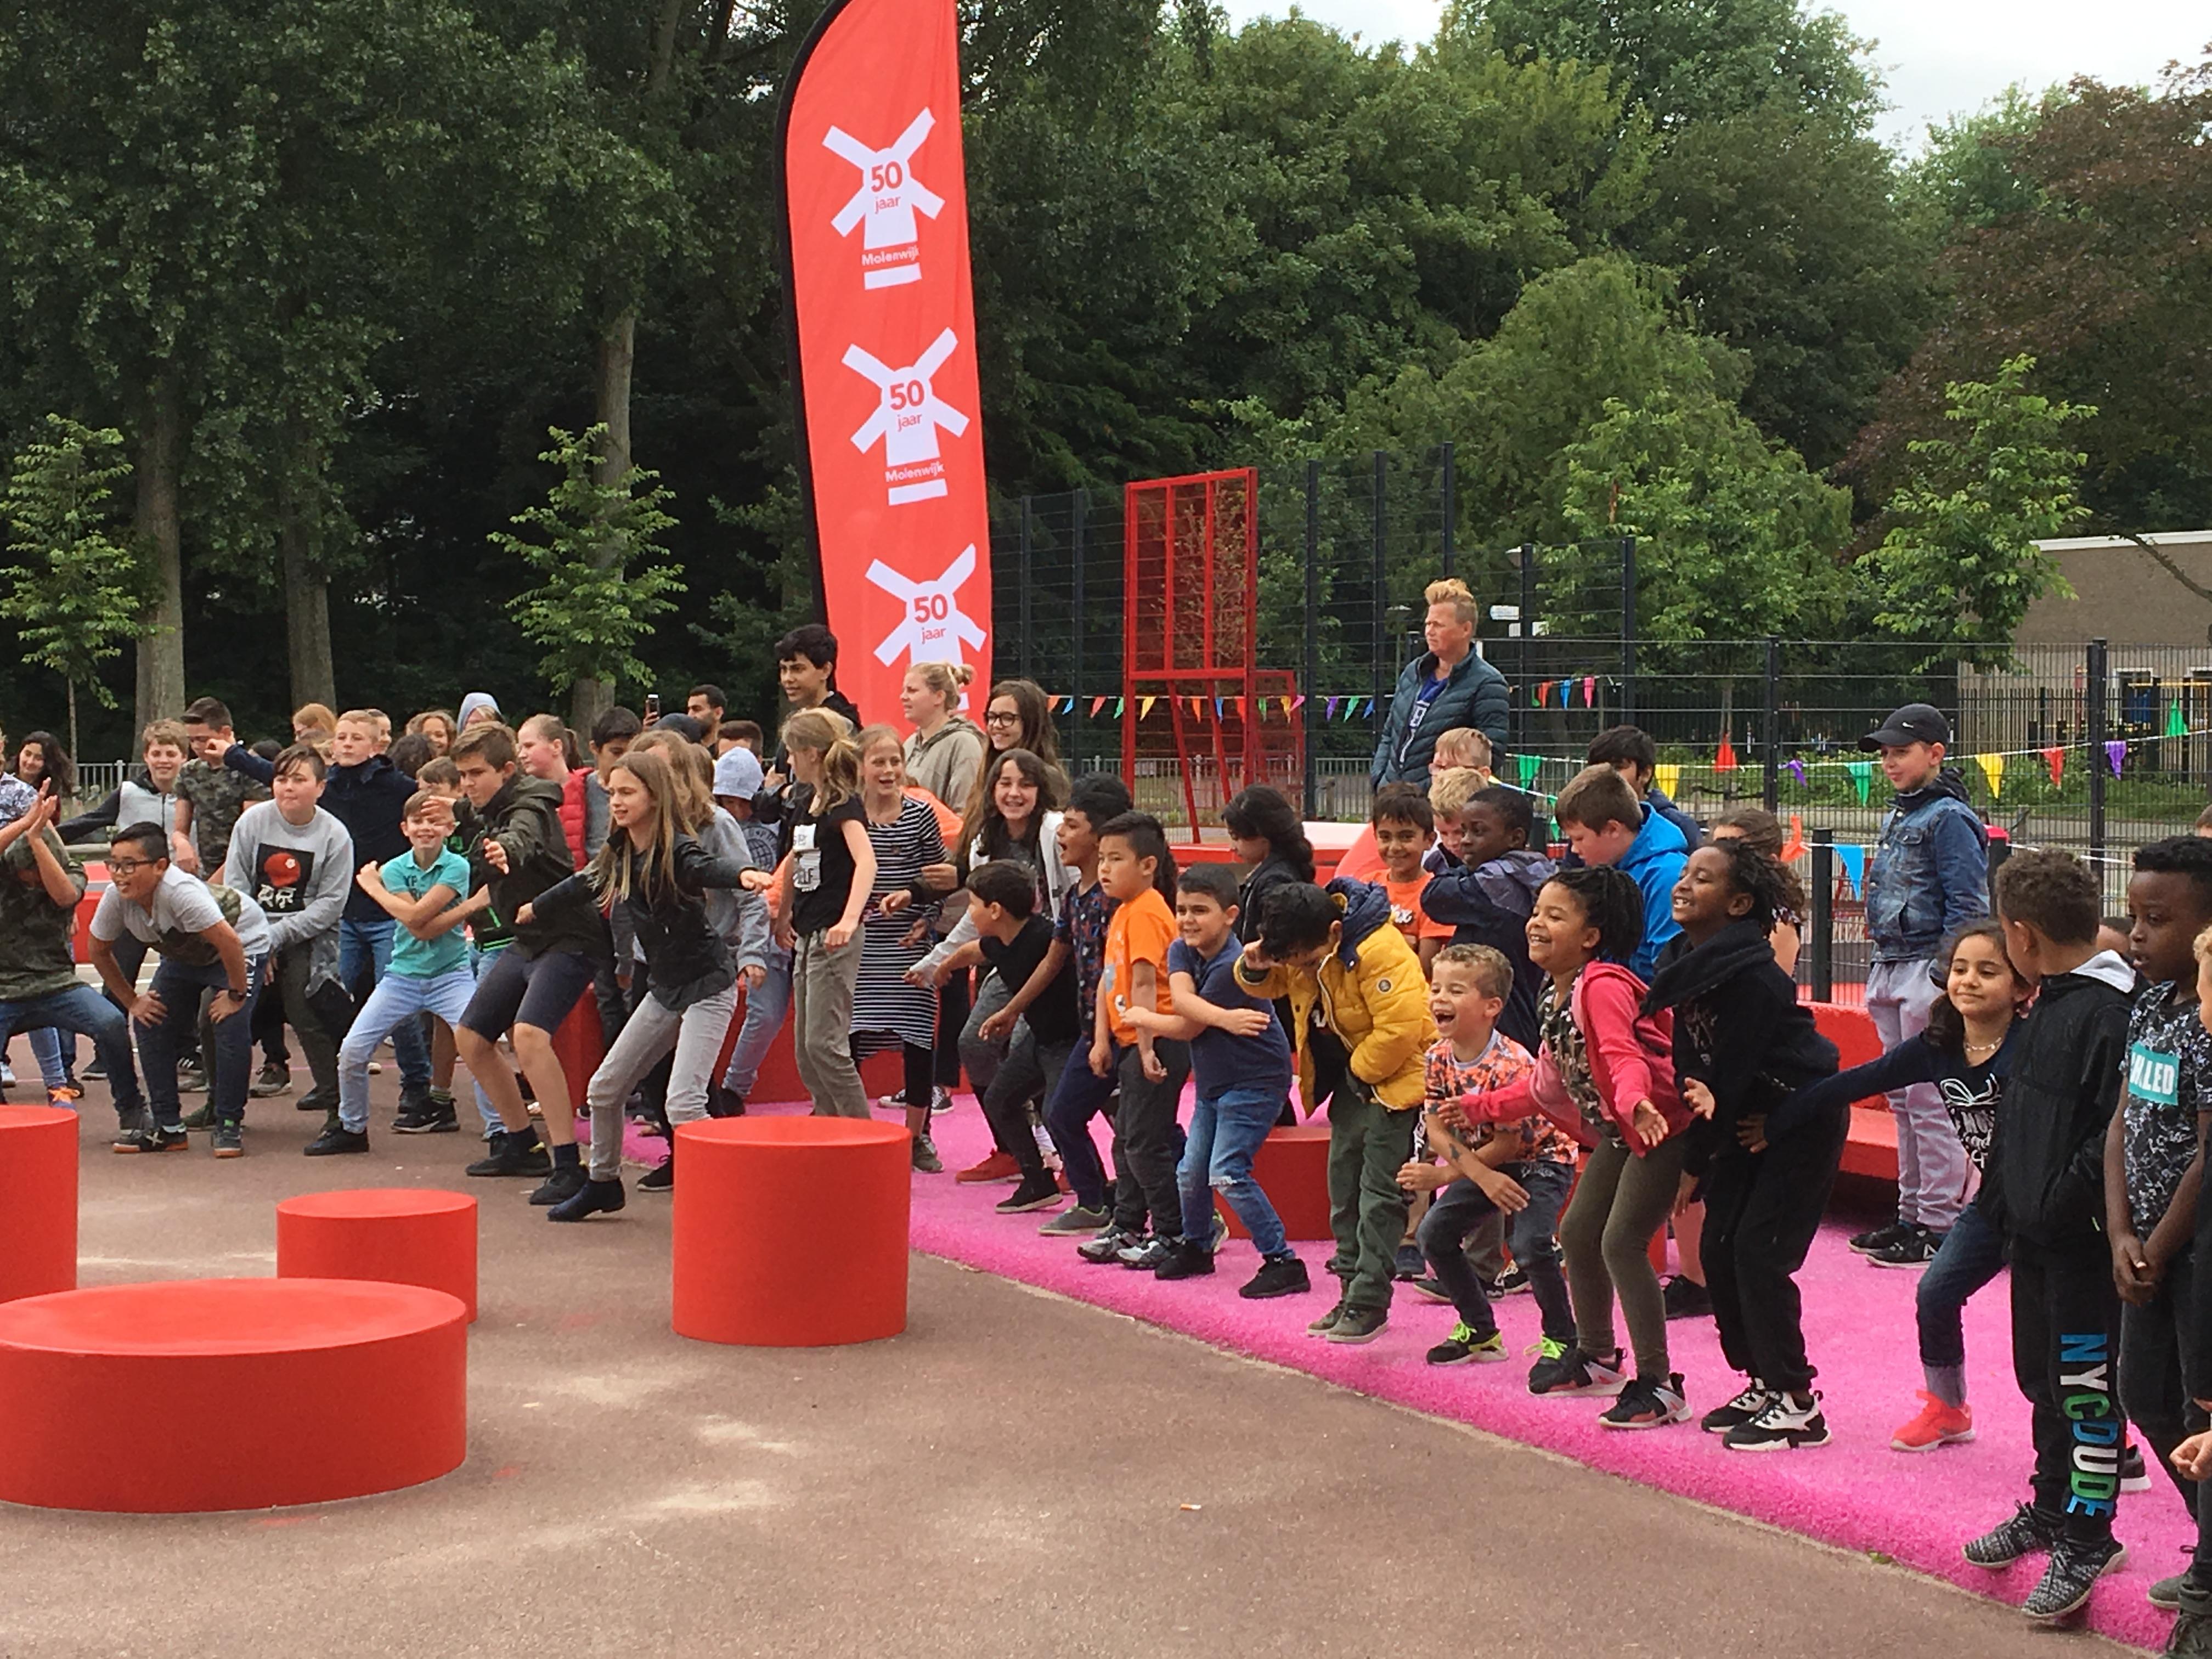 Kinderen van basisscholen de Bonkelaar en de Krijtmolen doen een openingsdans. (Foto: Stadsdeel Noord)